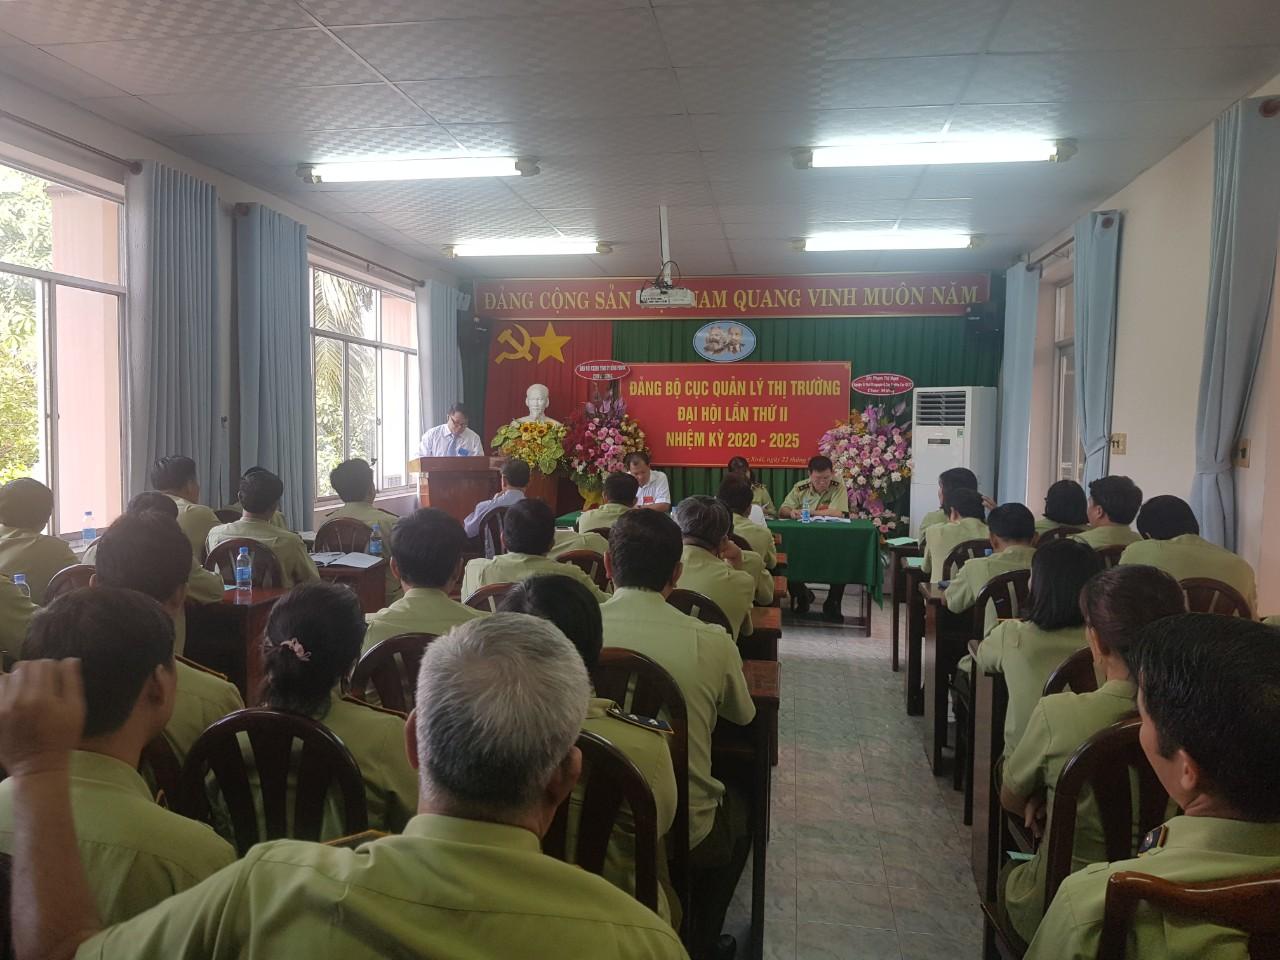 Cục Quản lý thị trường tỉnh Bình Phước tổ chức Đại hội Đảng bộ, lần thứ II - Nhiệm kỳ 2020 - 2025